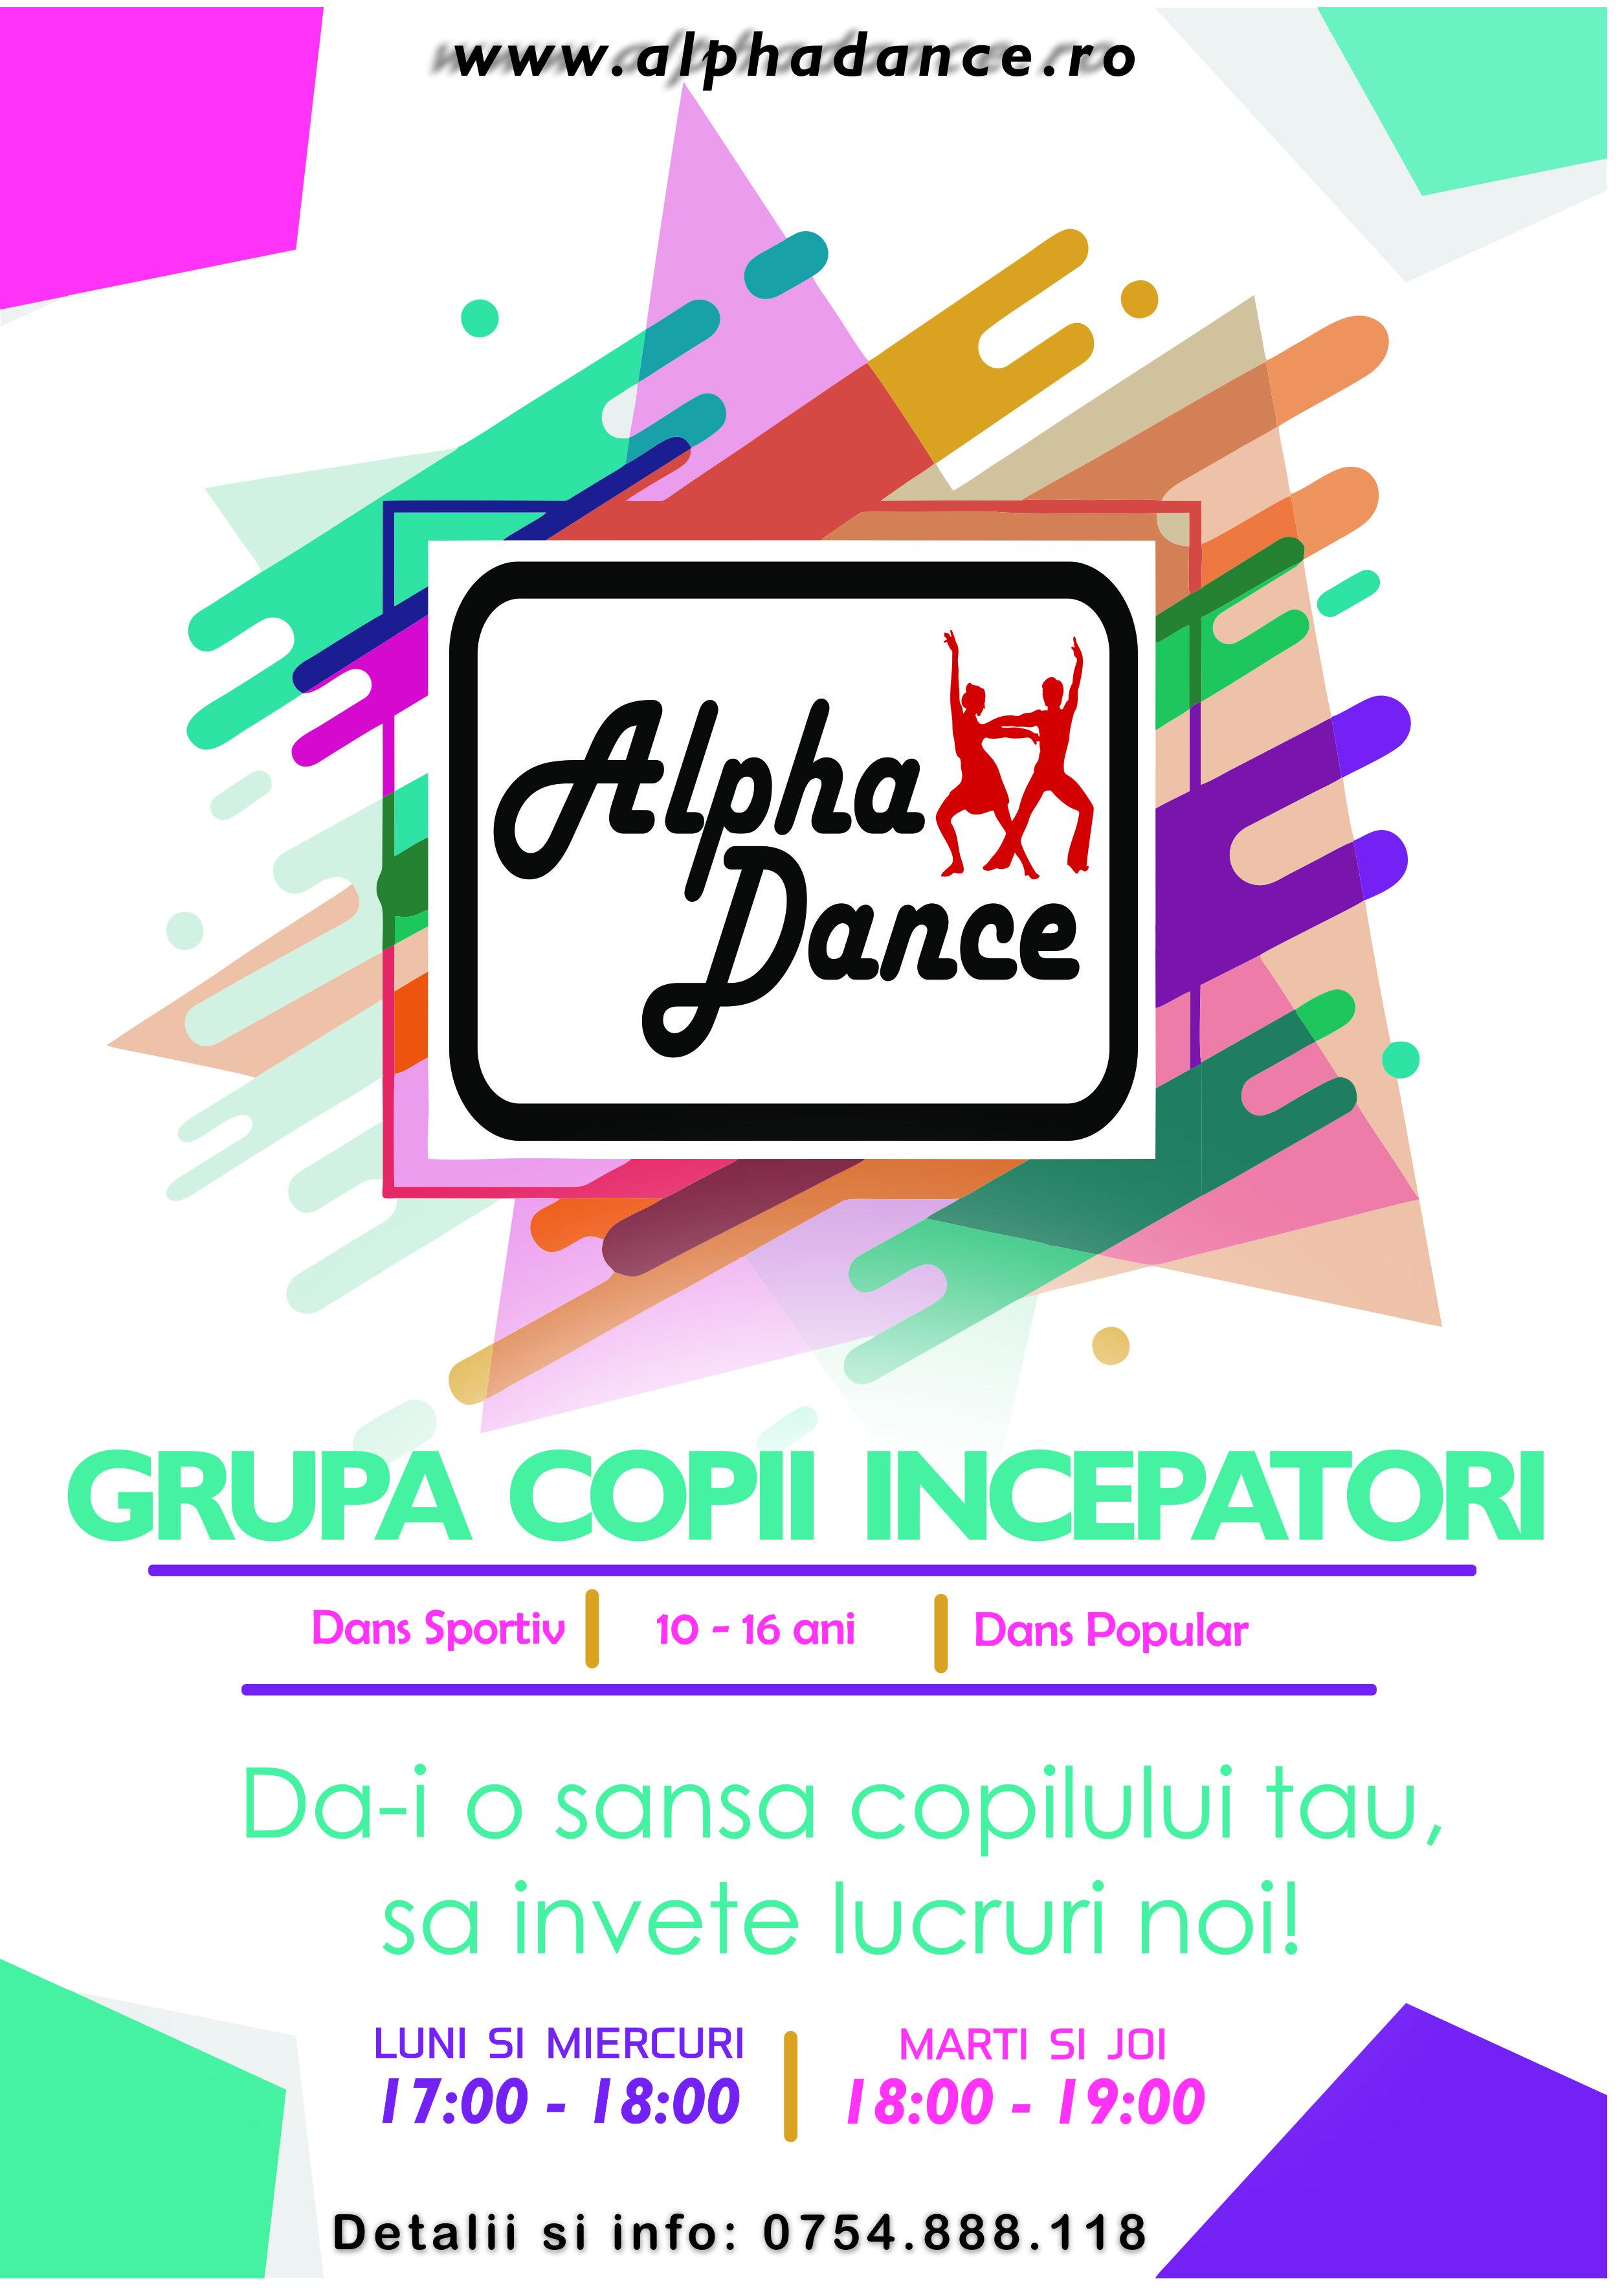 alphadance cursuri de dans pentru copii